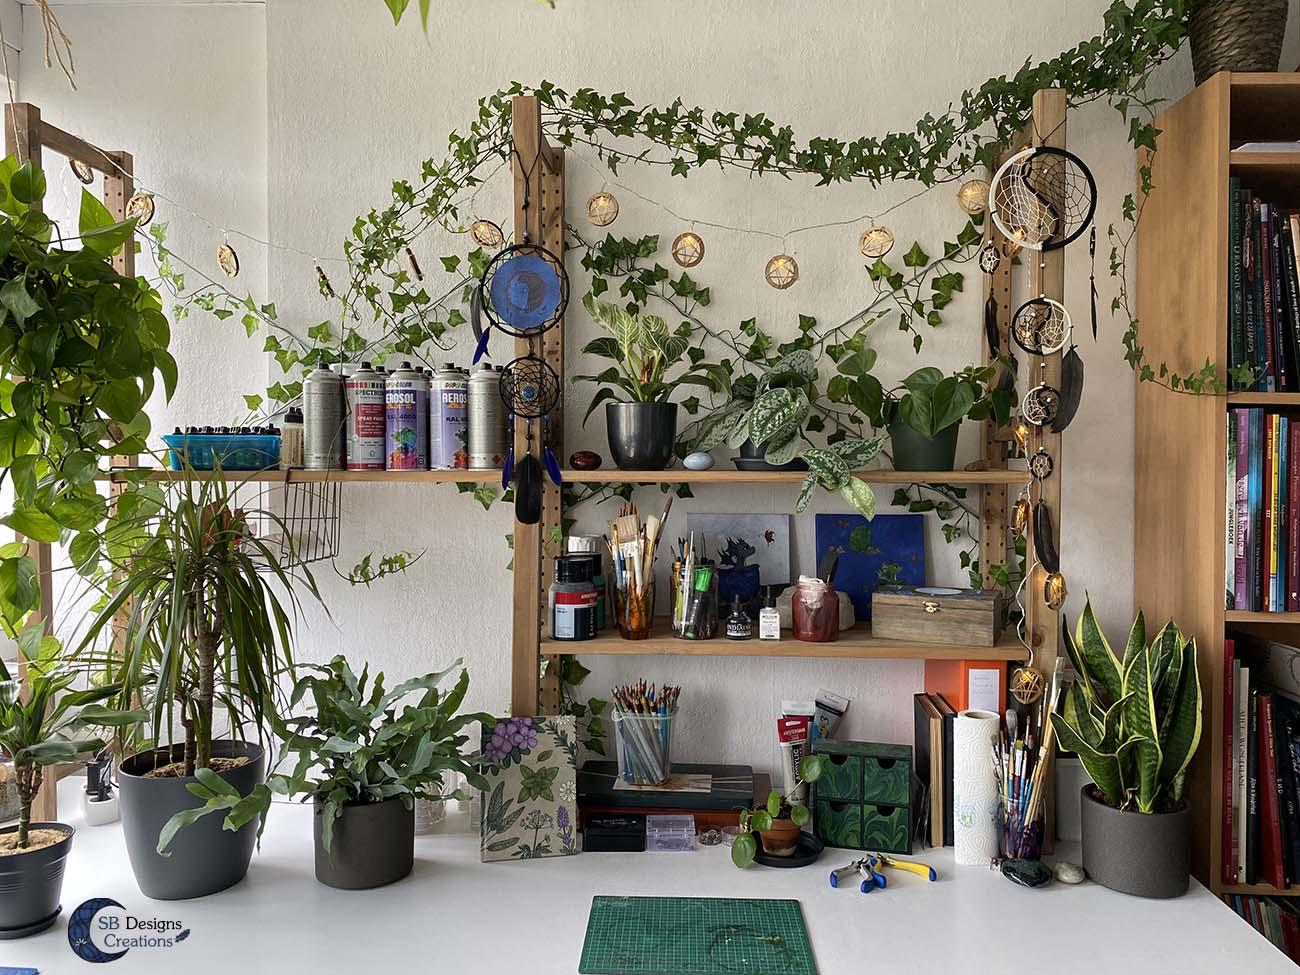 On-my-Desk-Op-mijn-Bureau-Studio-van-SB-Designs-Creations